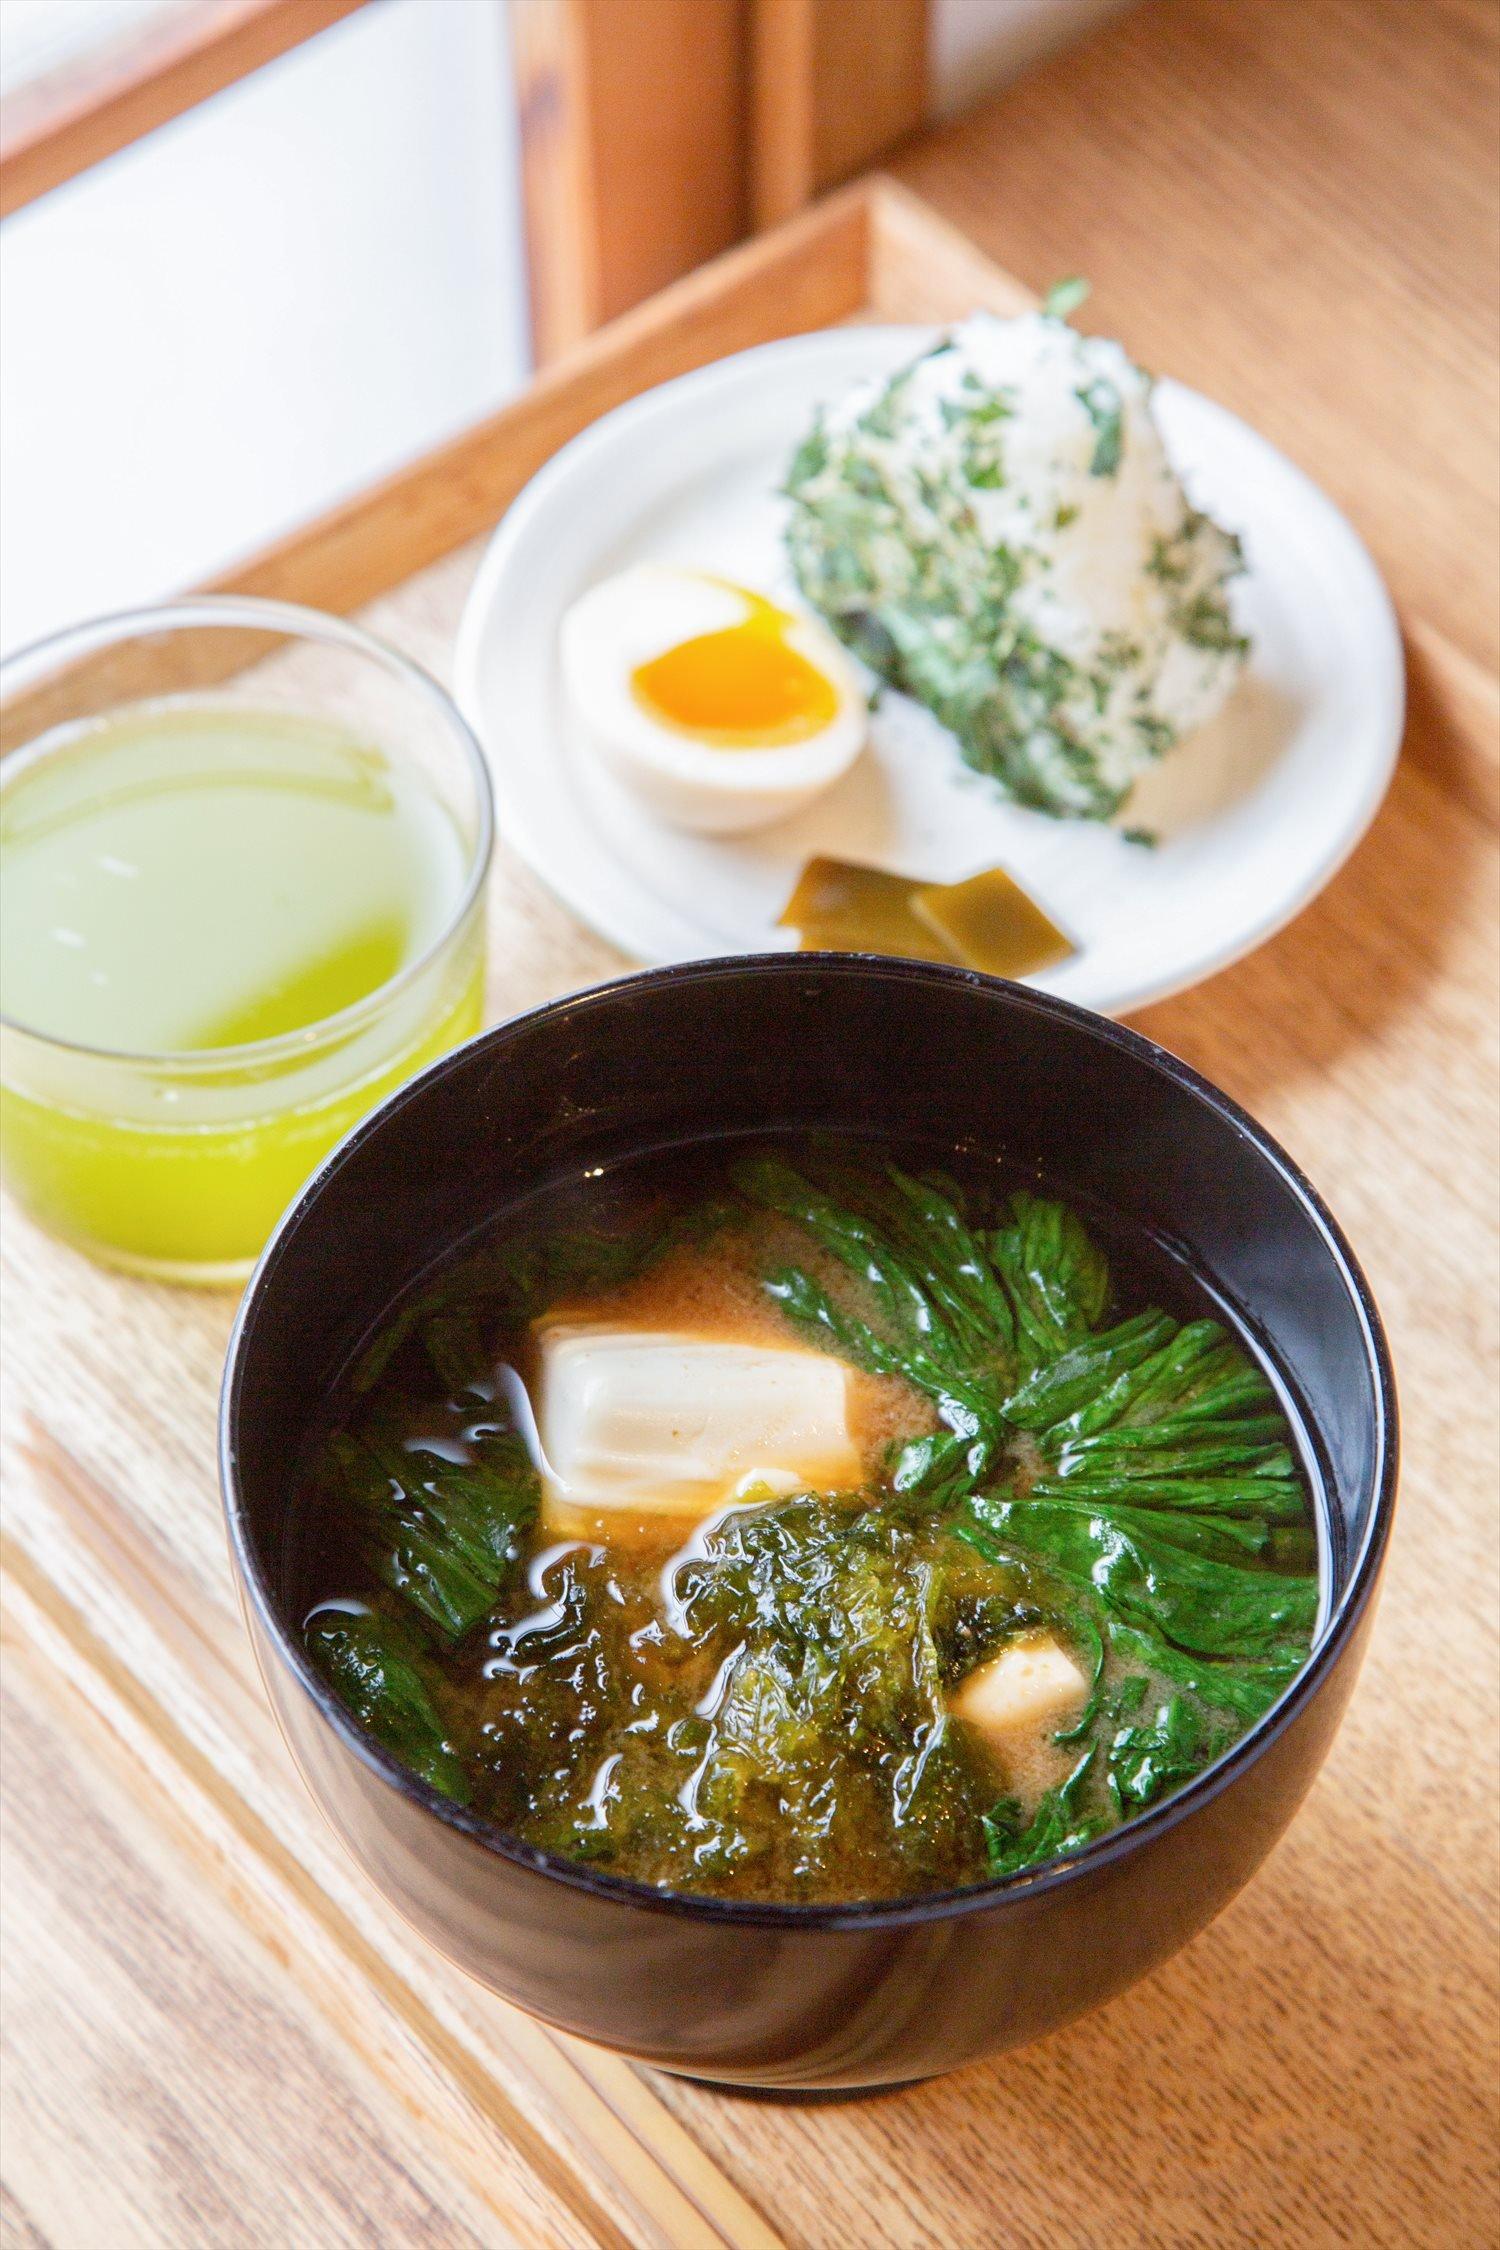 豆腐とホウレンソウ、あおさの味噌汁と塩むすびのセット600円。